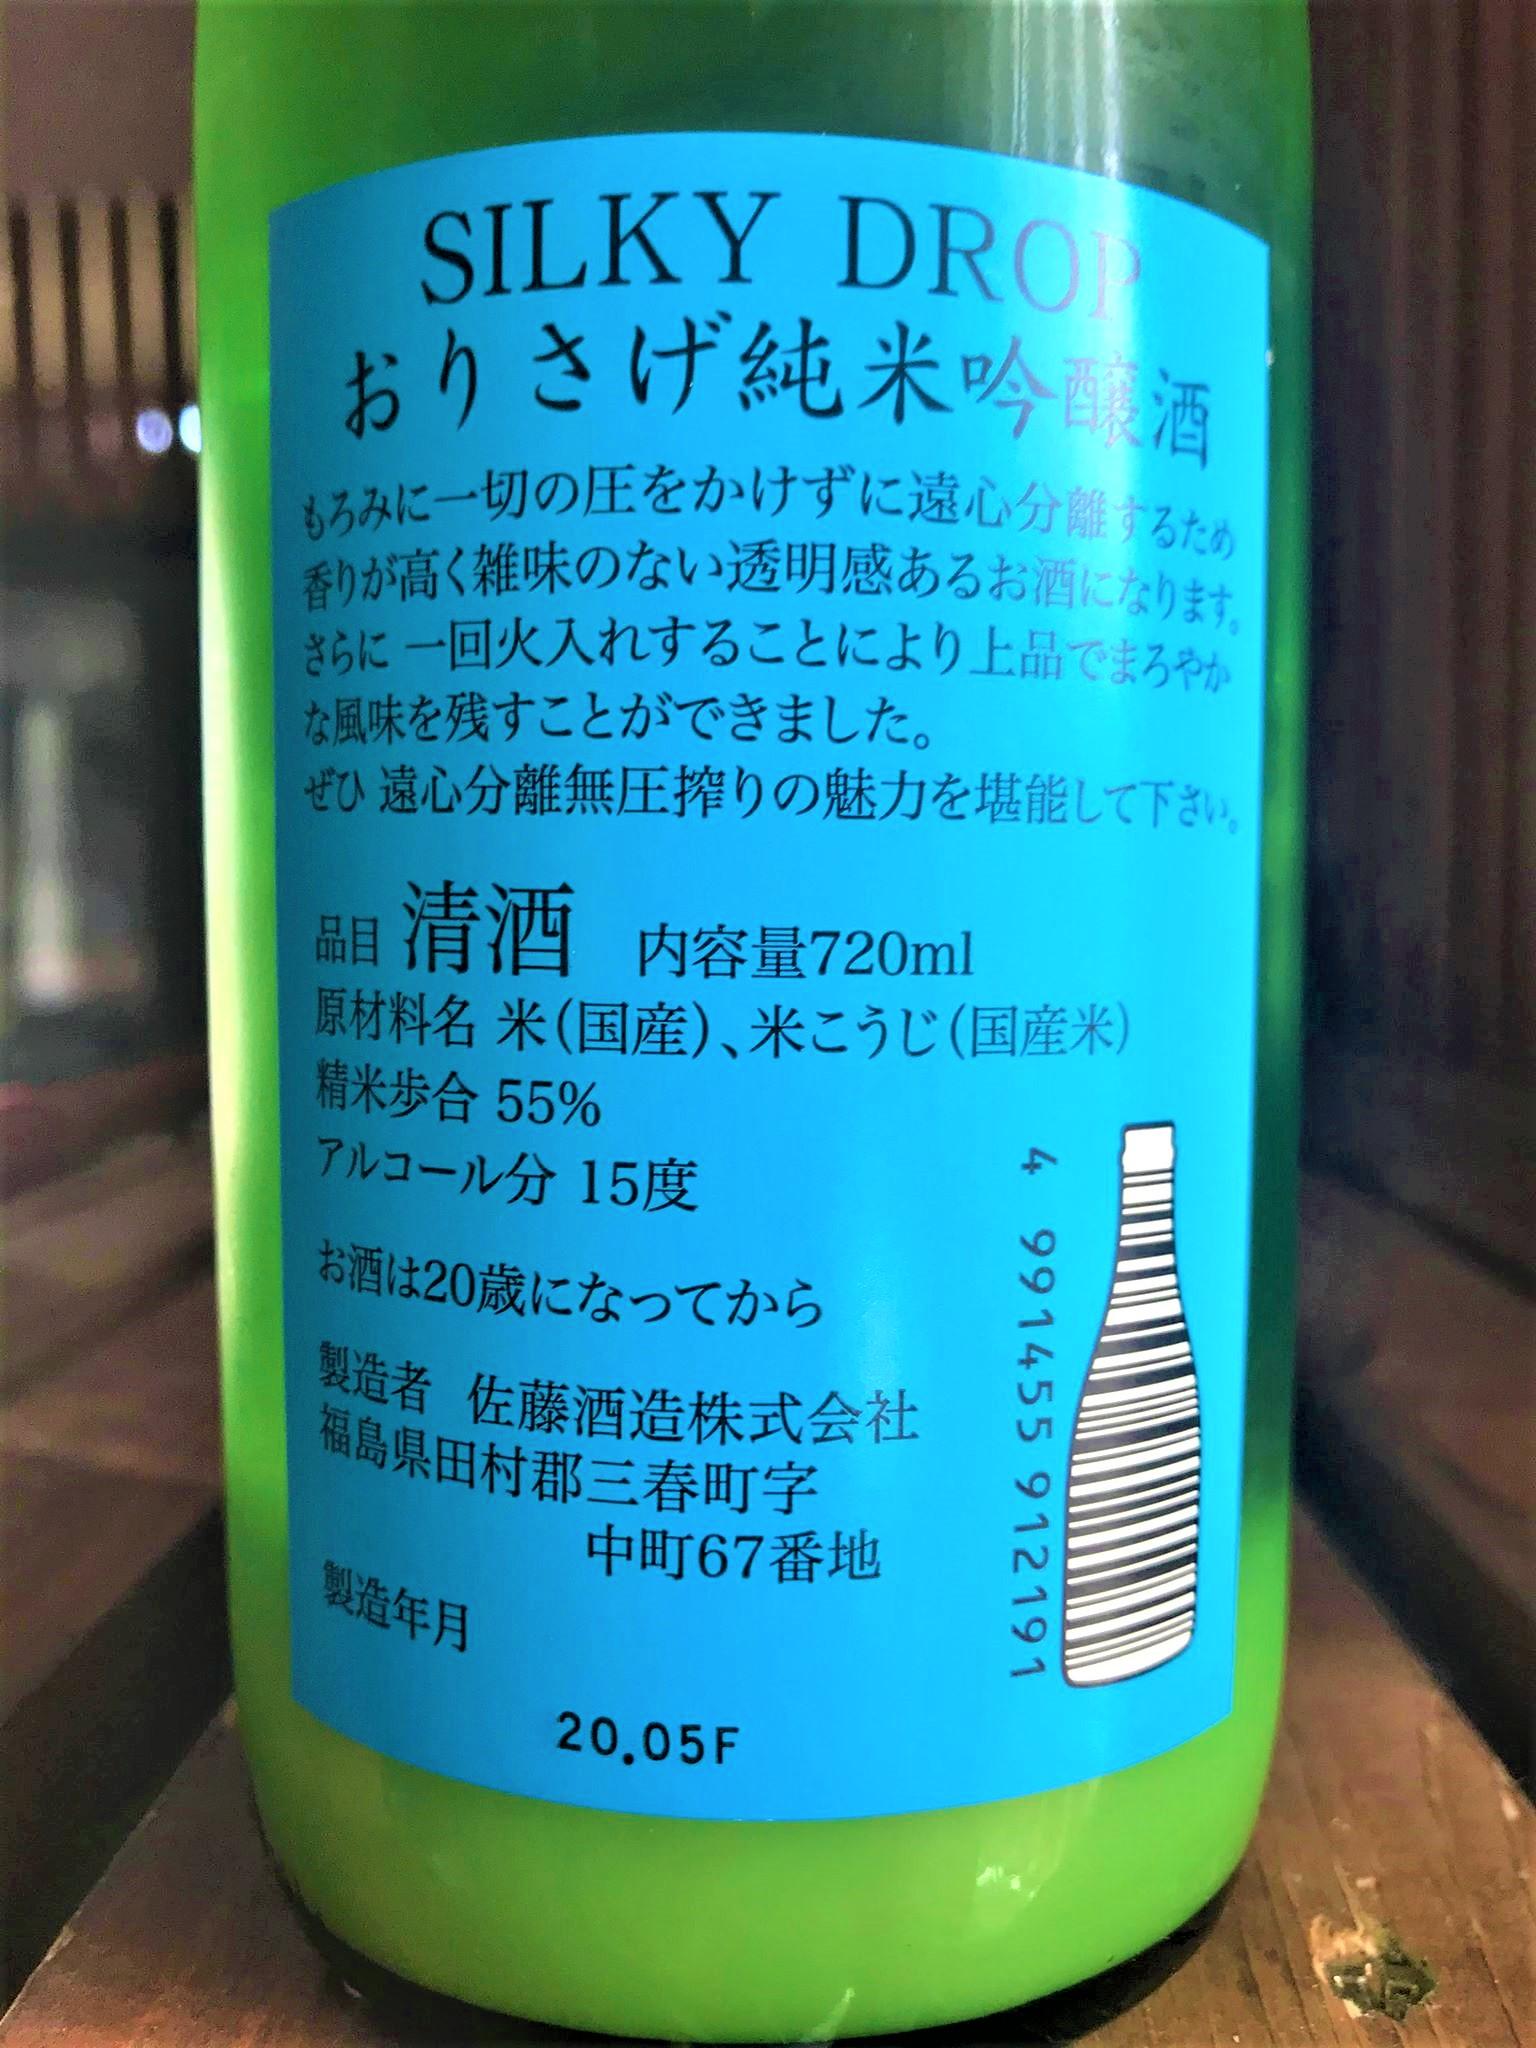 【日本酒】三春駒⭐番外編『SILKY💧DROP』遠心分離🌌おりざけ 純米吟醸生詰 限定 令和1BY🆕_e0173738_1055699.jpg